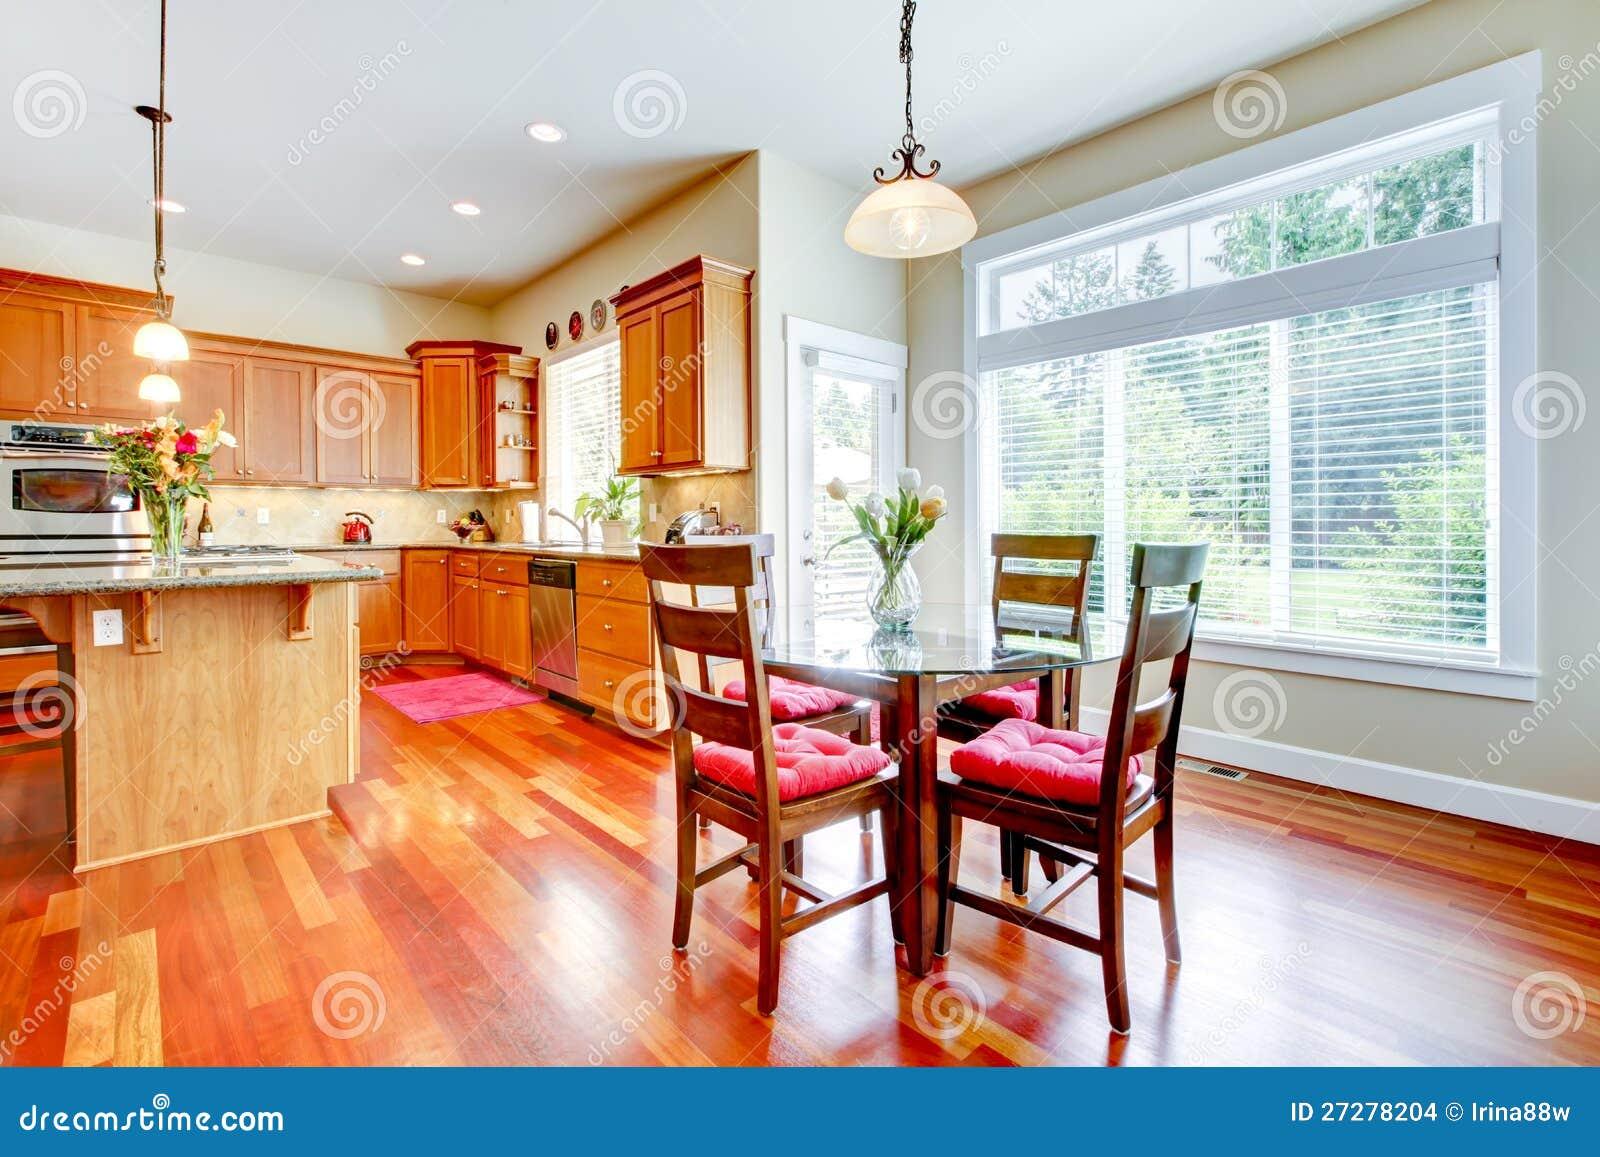 Eetkamer En Keuken Met Rood Kersenhout Stock Afbeeldingen ...